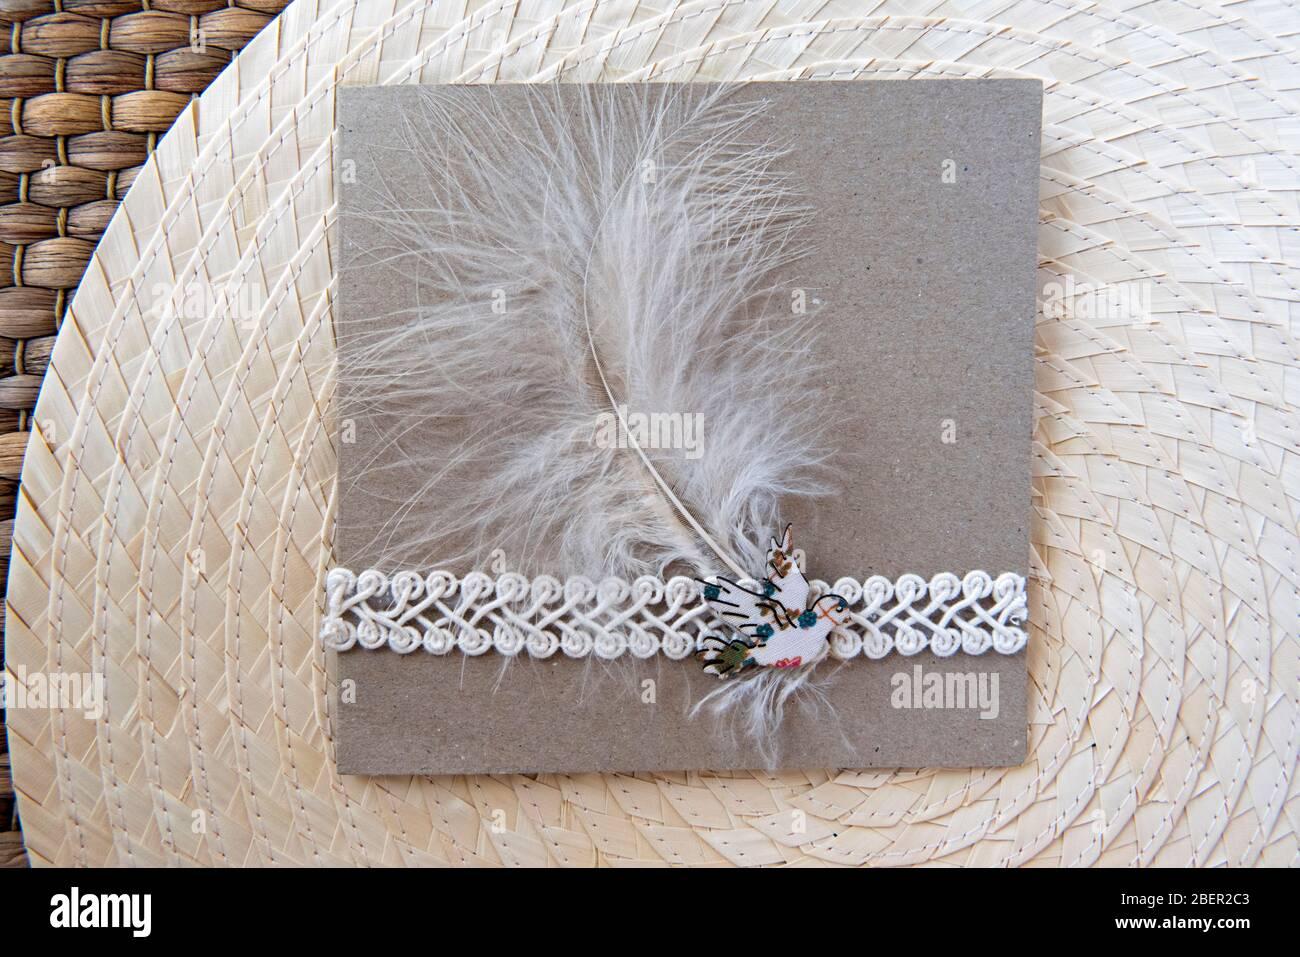 Carta fatta a mano con piuma riciclata, rifinitura e broccia su sfondo foglia di palma. Concetto di zero sprechi. Foto Stock